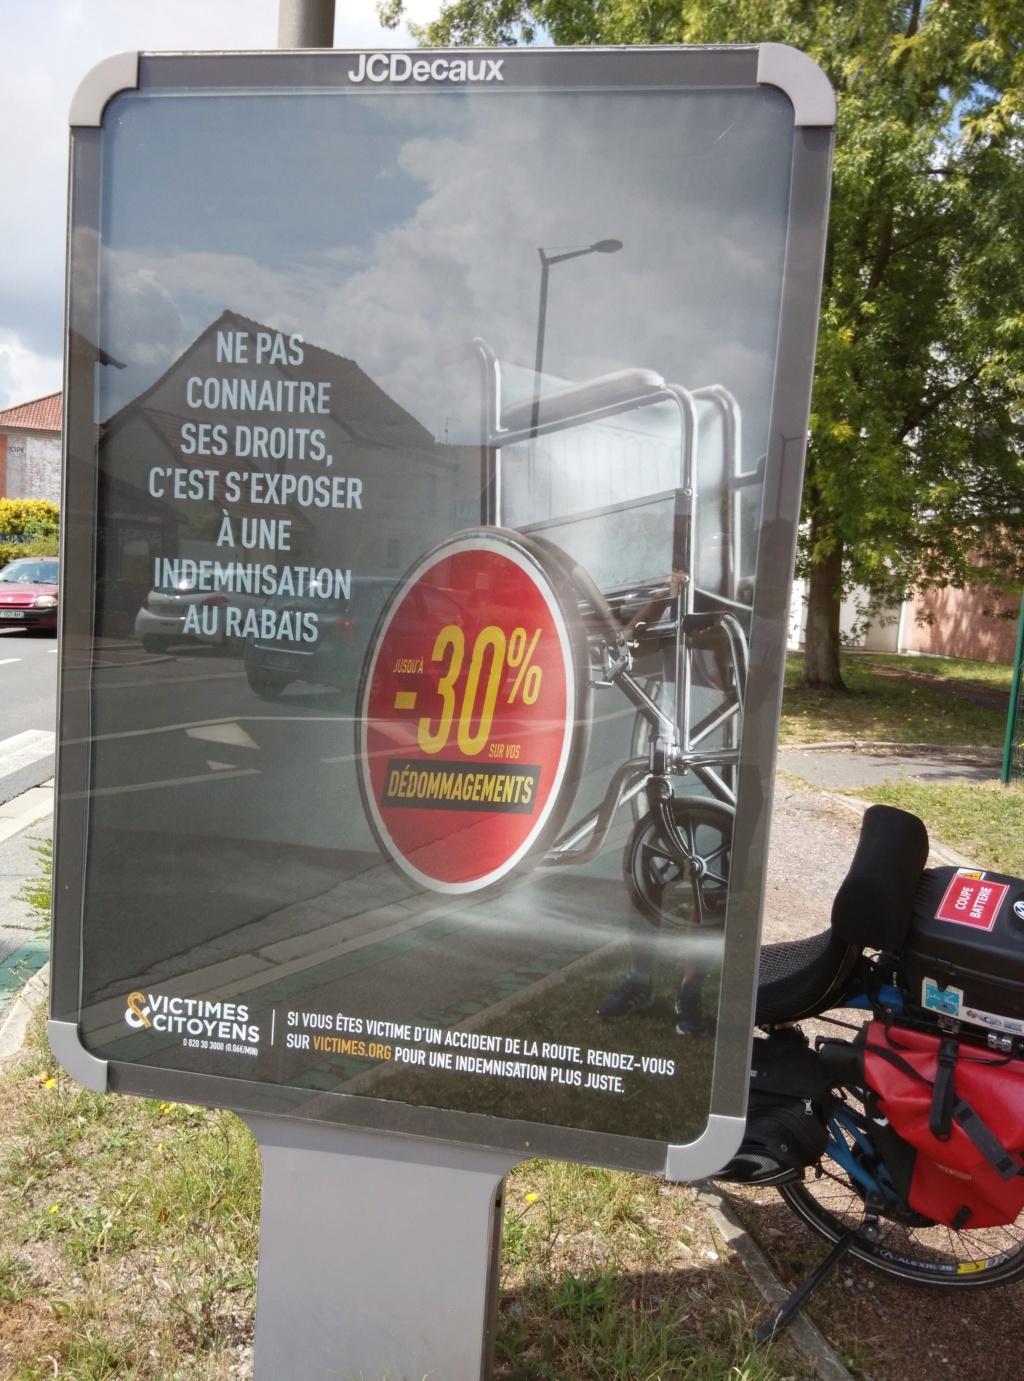 Engin electric de l'IUT de l' Aisne: 2019...reflexion mobilité - Page 26 Img_2184